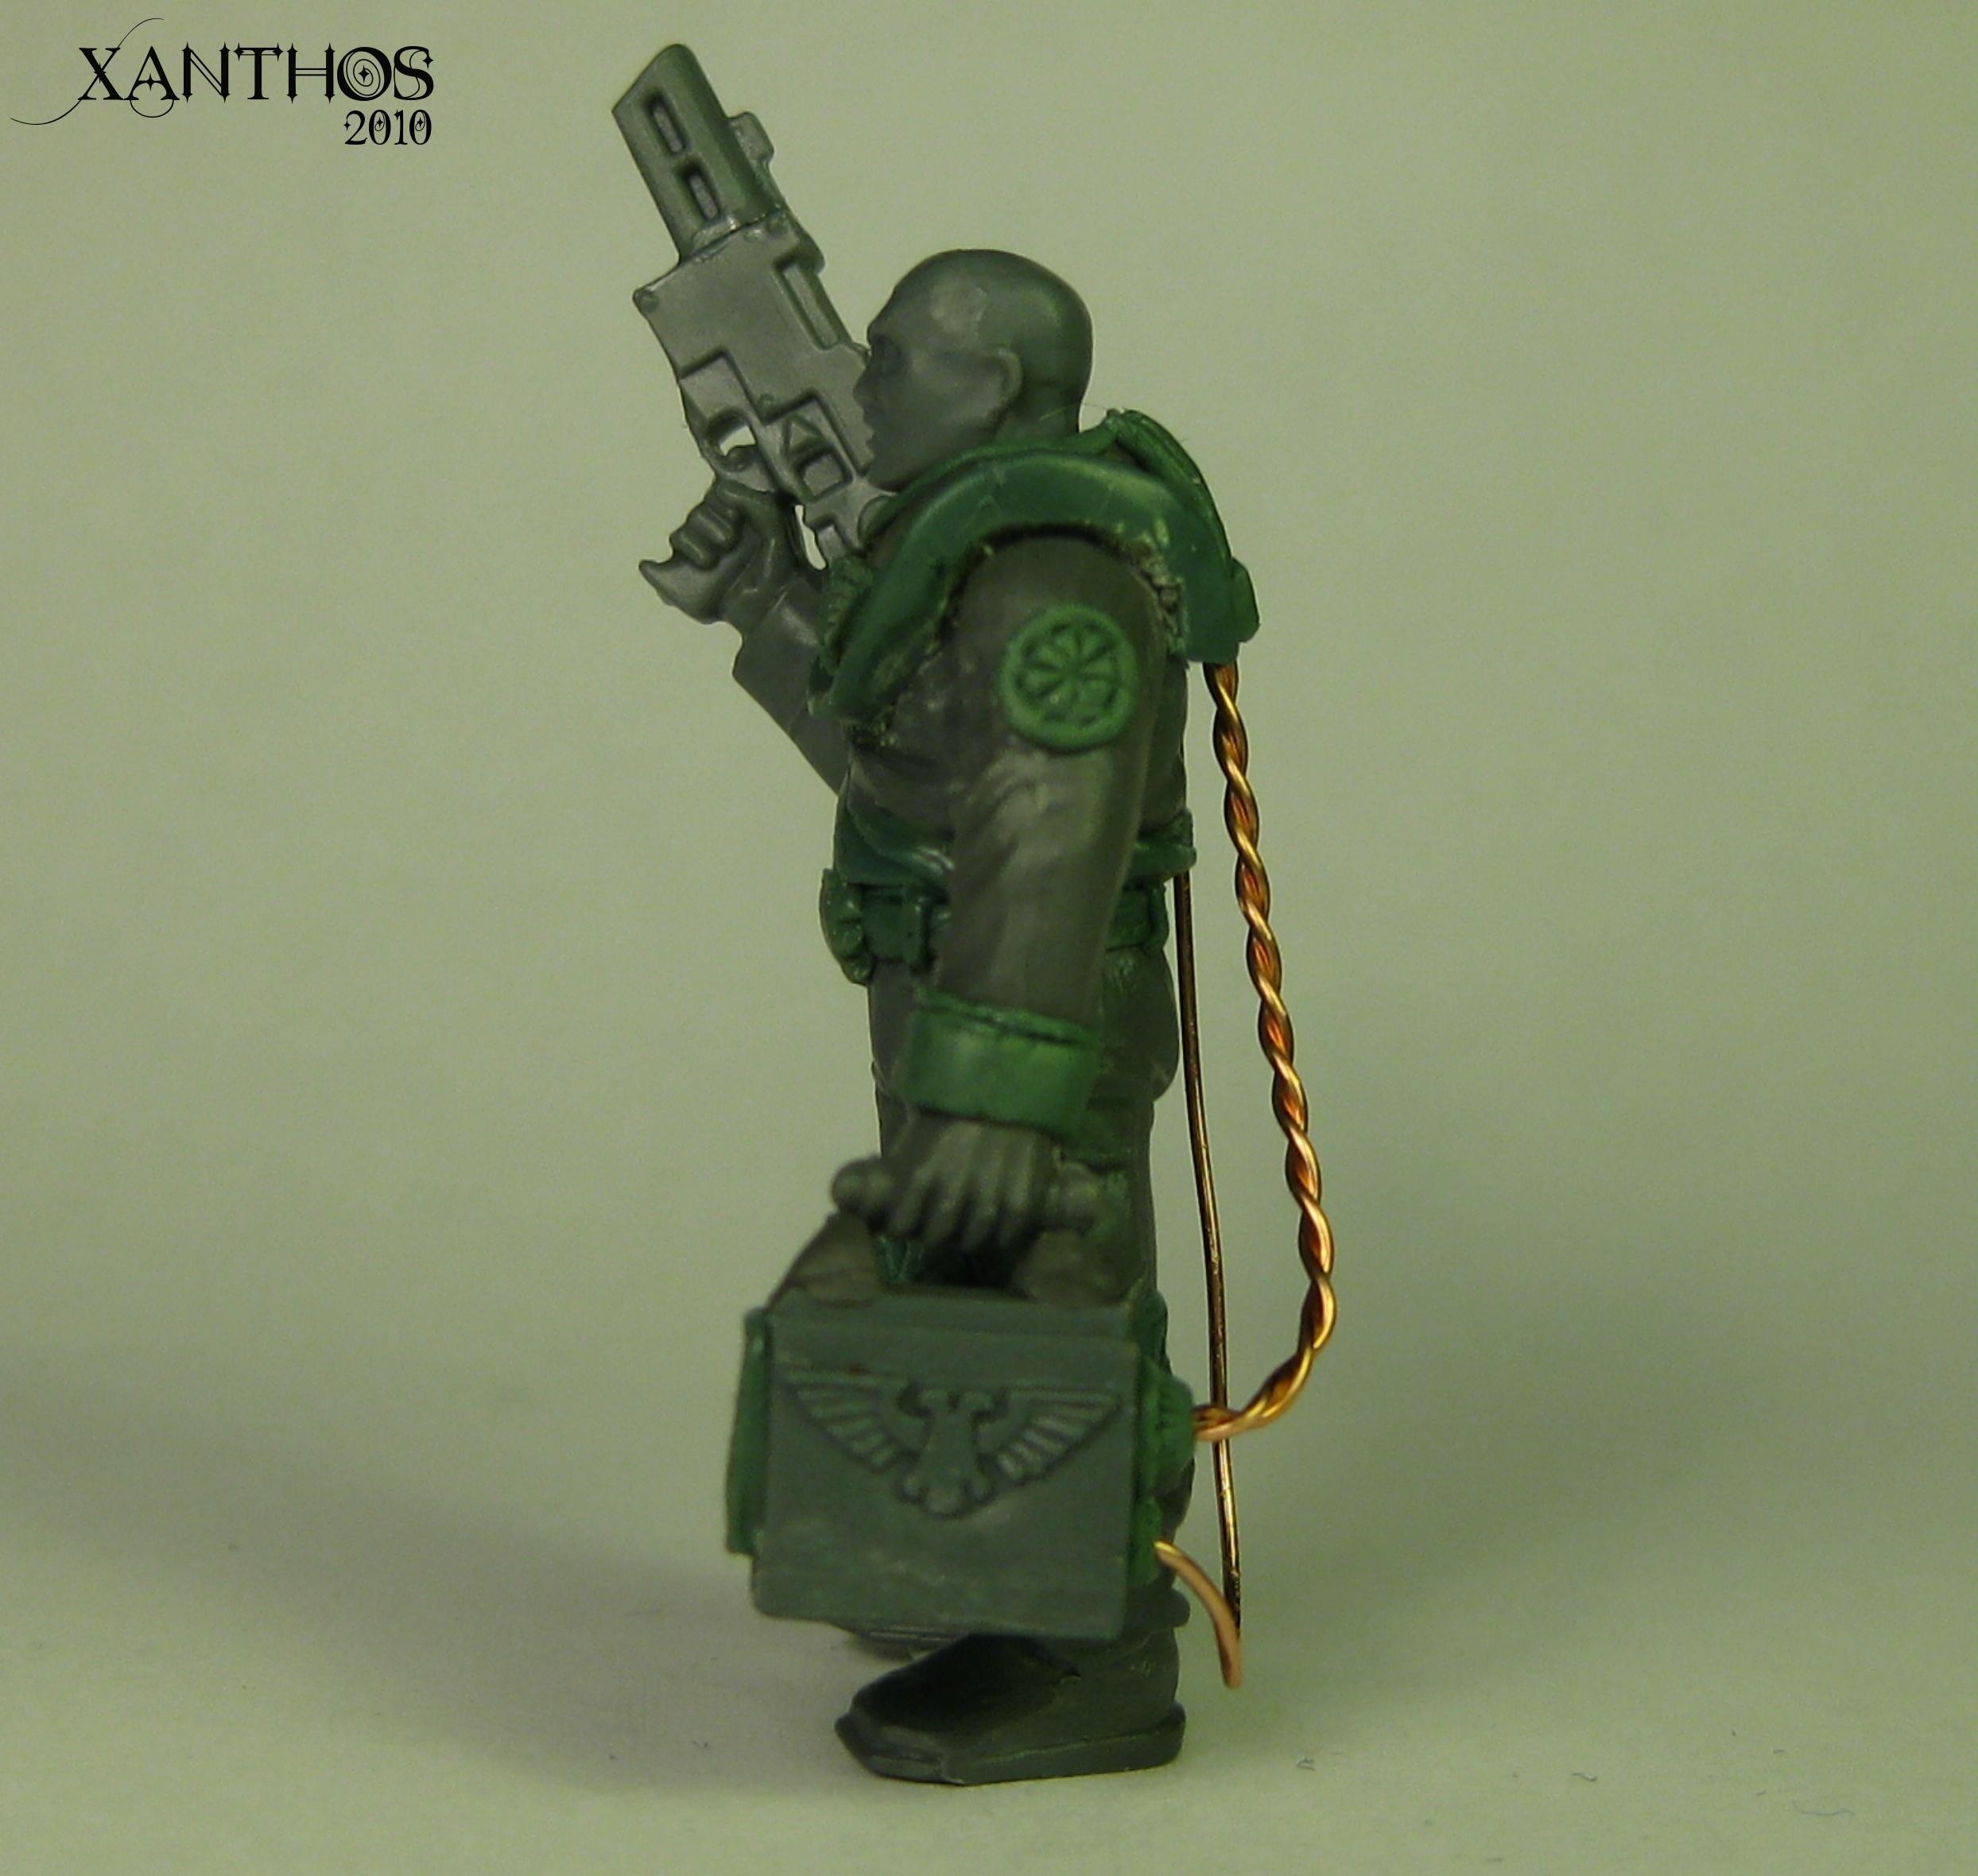 Adeptus Mechanicus, Greenstuff, Sculpting, Warhammer 40,000, Work In Progress